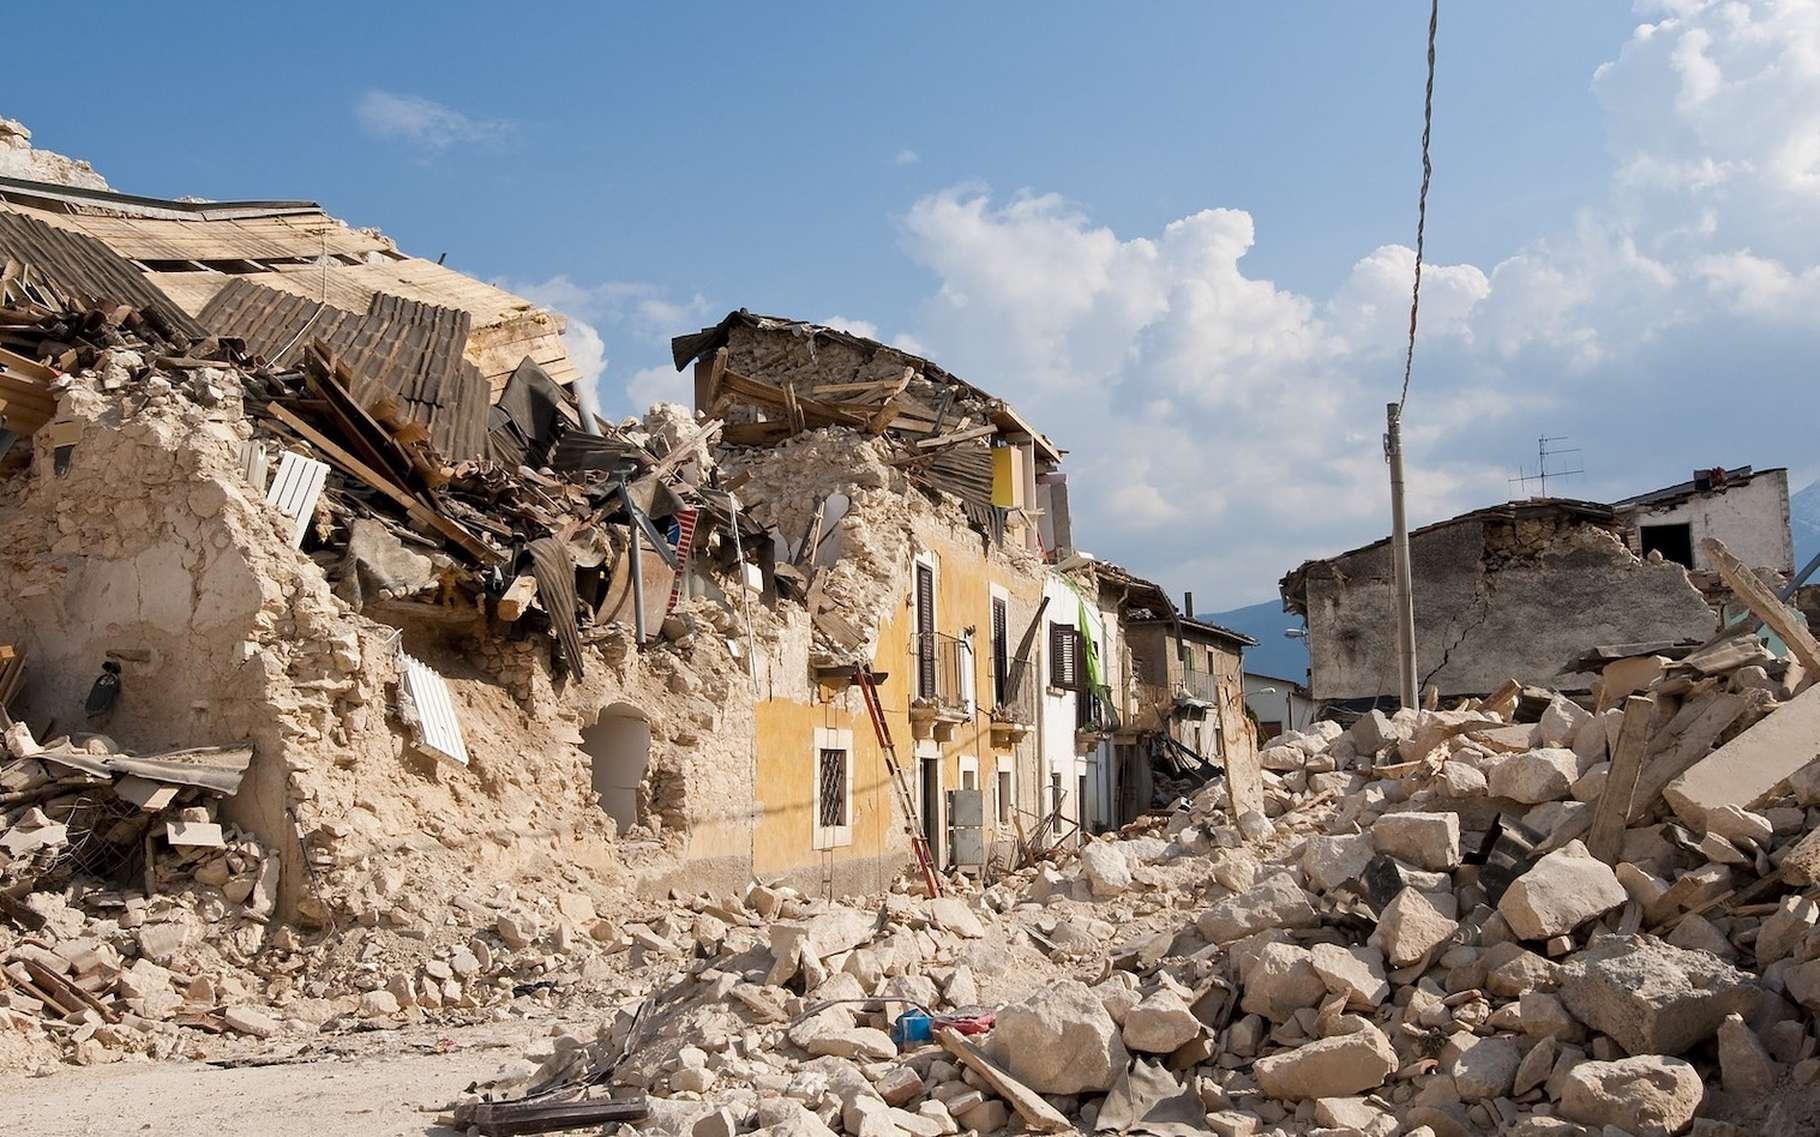 Une nouvelle technique de traitement du signal permettant d'enregistrer les séismes de magnitude très faible dévoile aux chercheurs que les grands tremblements de terre sont généralement précédés de petites secousses. © Angelo_Giordano, Pixabay License